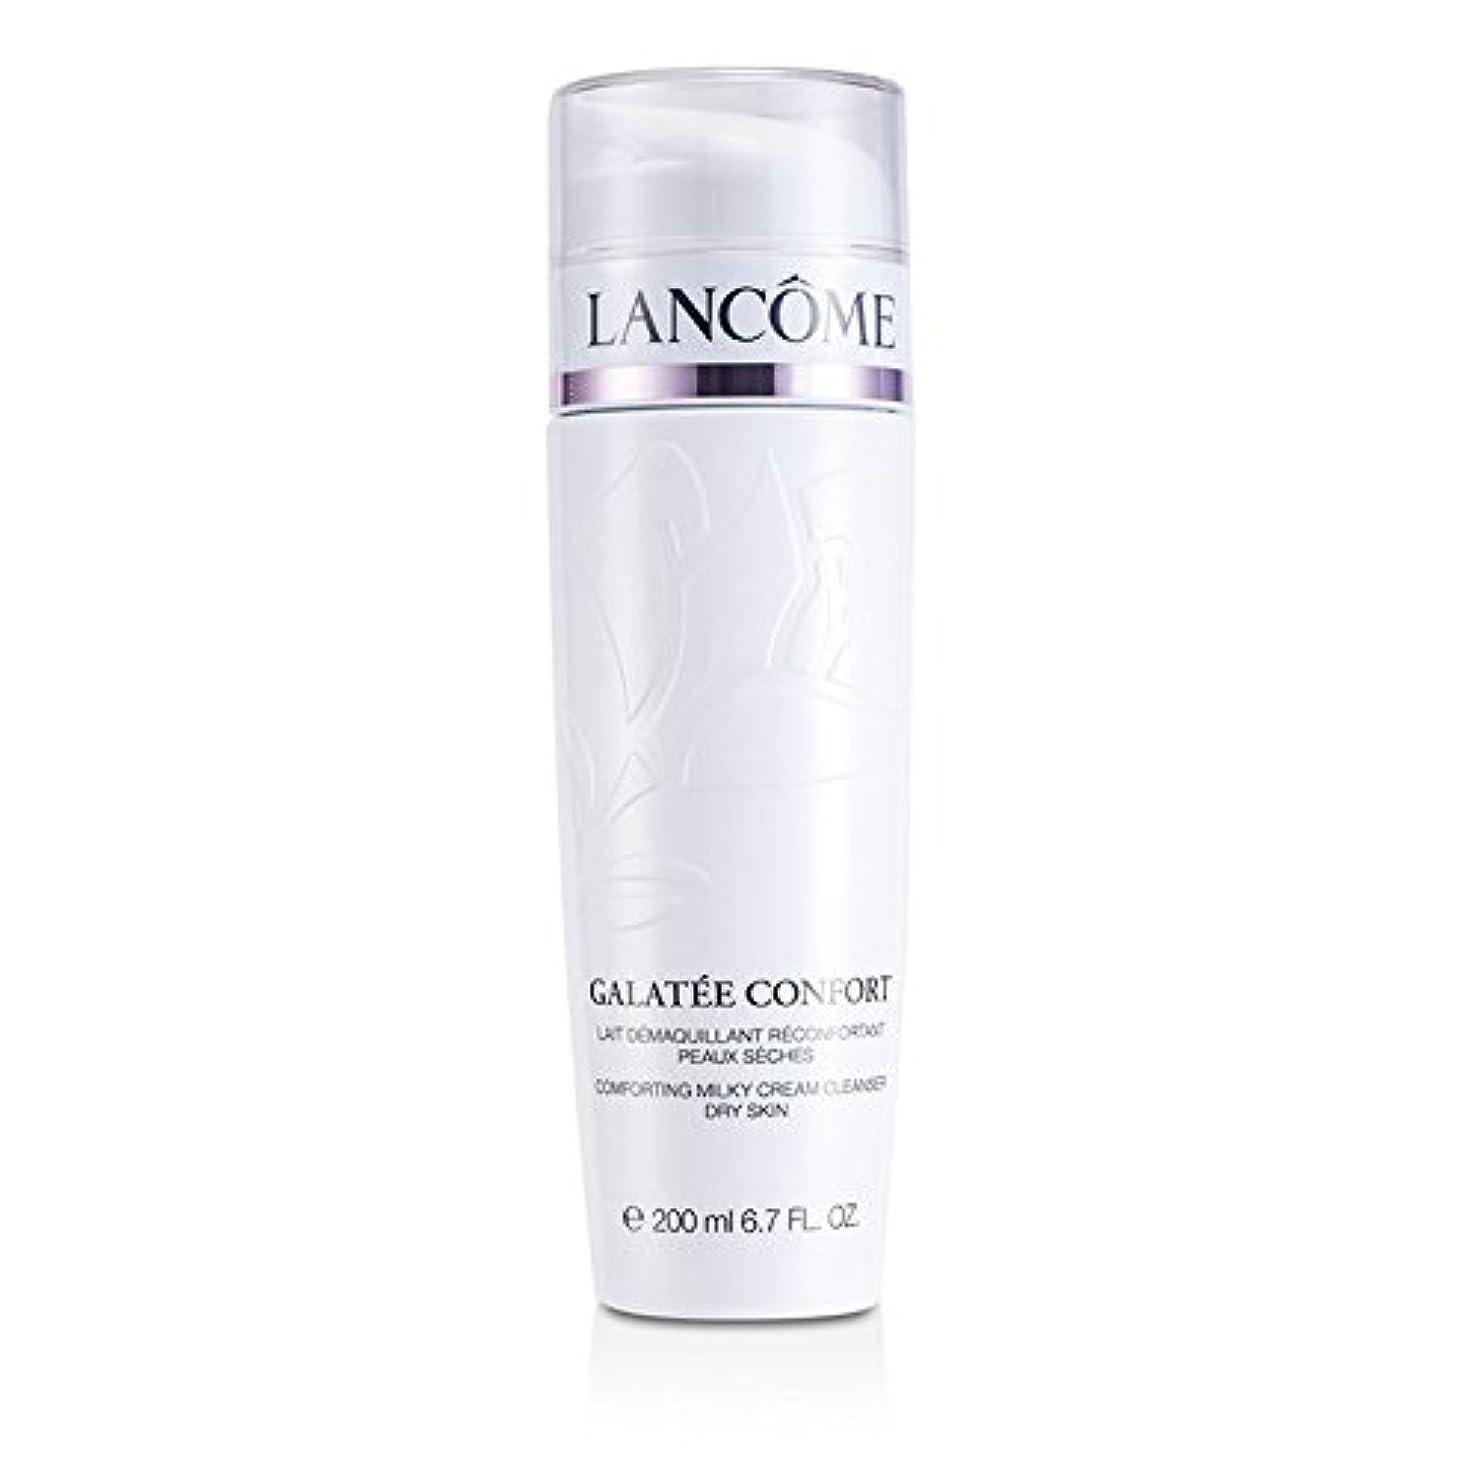 引き金空いている貧困ランコム コンフォート ギャラテ (Dry Skin) 200ml/6.7oz並行輸入品